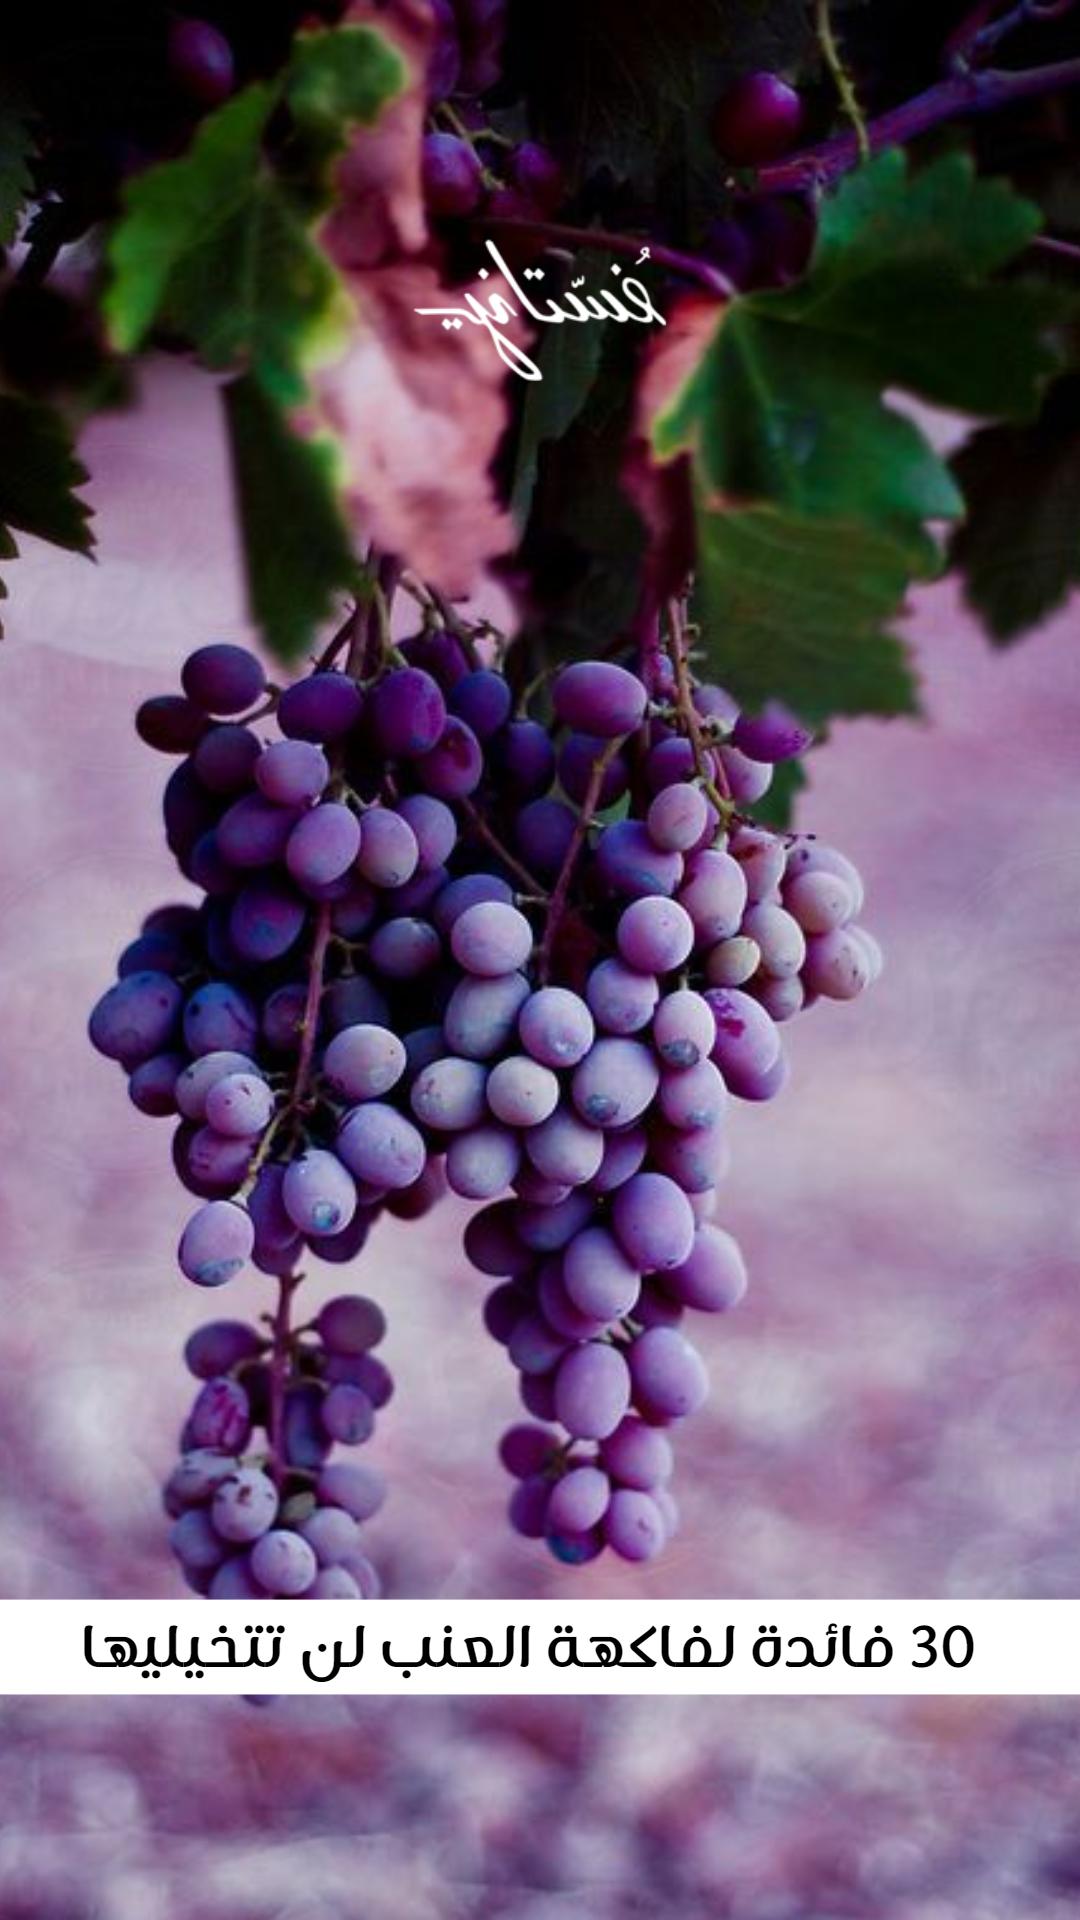 فوائد العنب للصحة والبشرة والشعر ٣٠ فائدة للعنب لن تتوقعيها Purple Grapes Grapes Fruit Photography